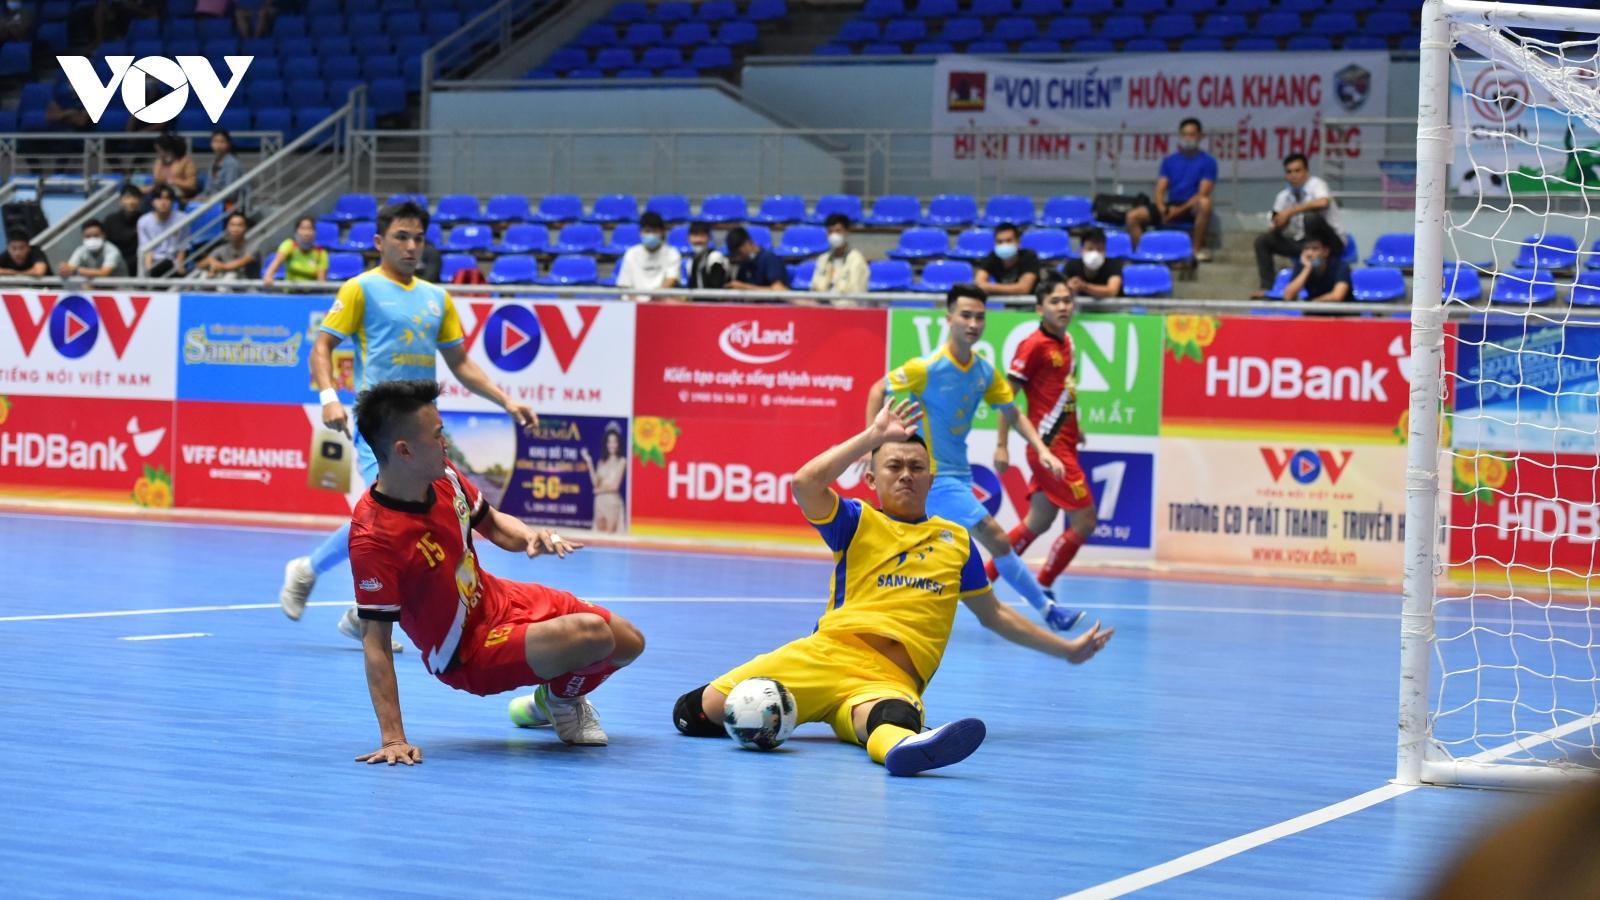 """Giải Futsal HDBank VĐQG 2021: Zetbit Sài Gòn """"thổi lửa"""" vào cuộc đua vô địch"""